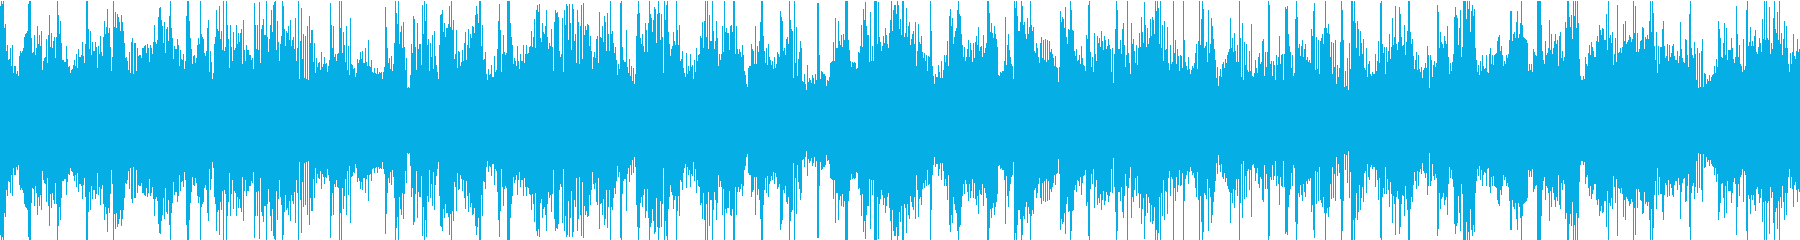 チャンネル登録ジングルメロウファンクの再生済みの波形